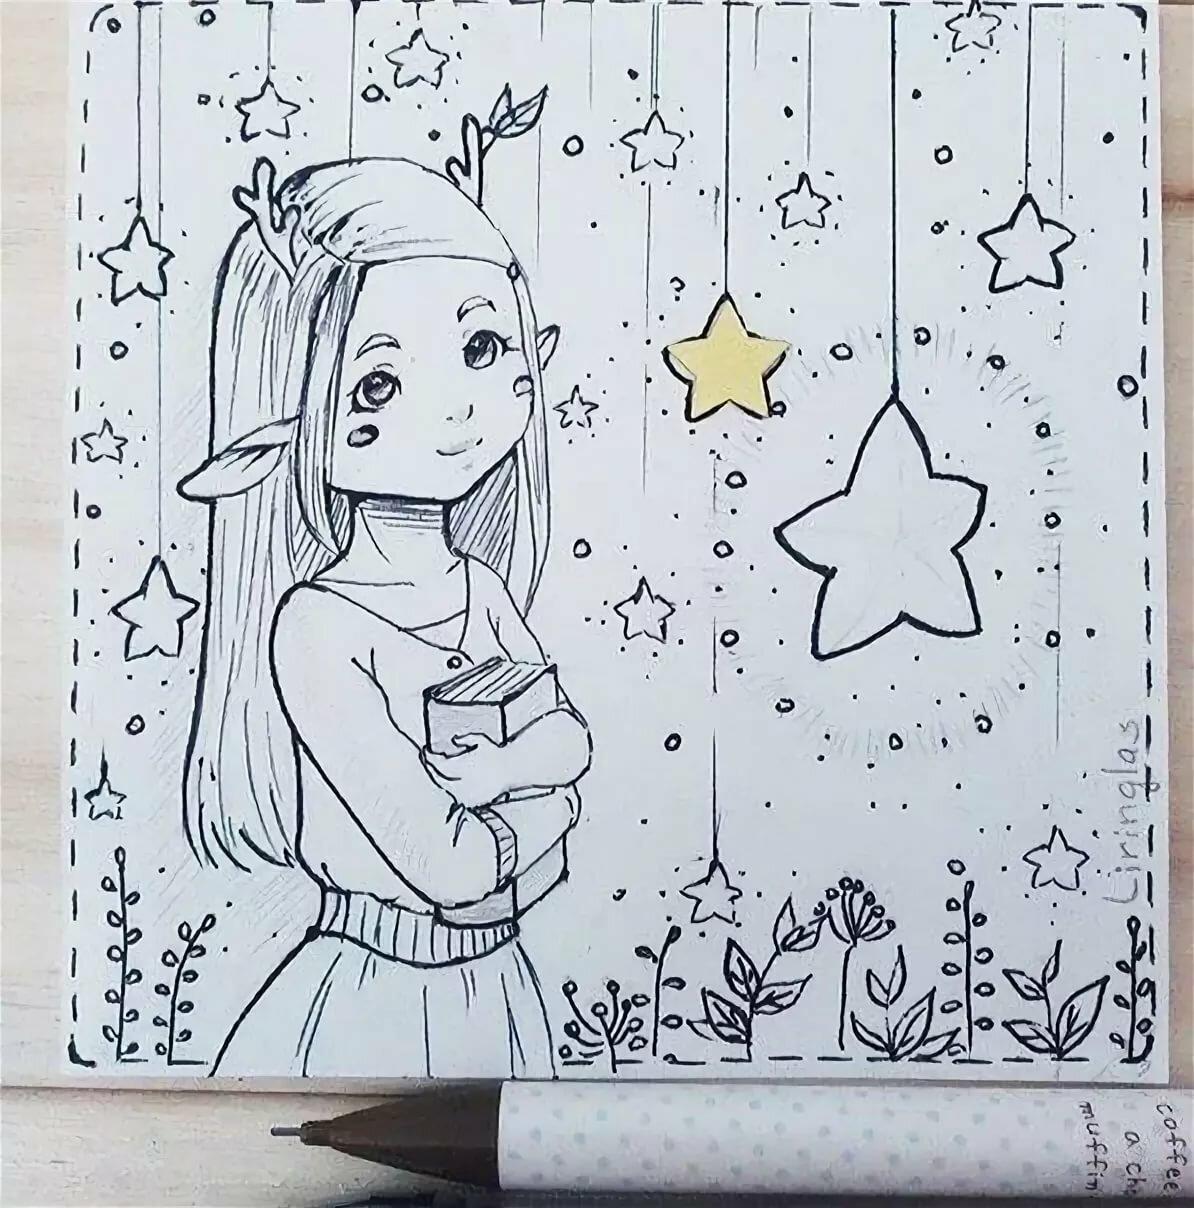 только колодец, картинки для срисовок в личный дневник своем инстаграме